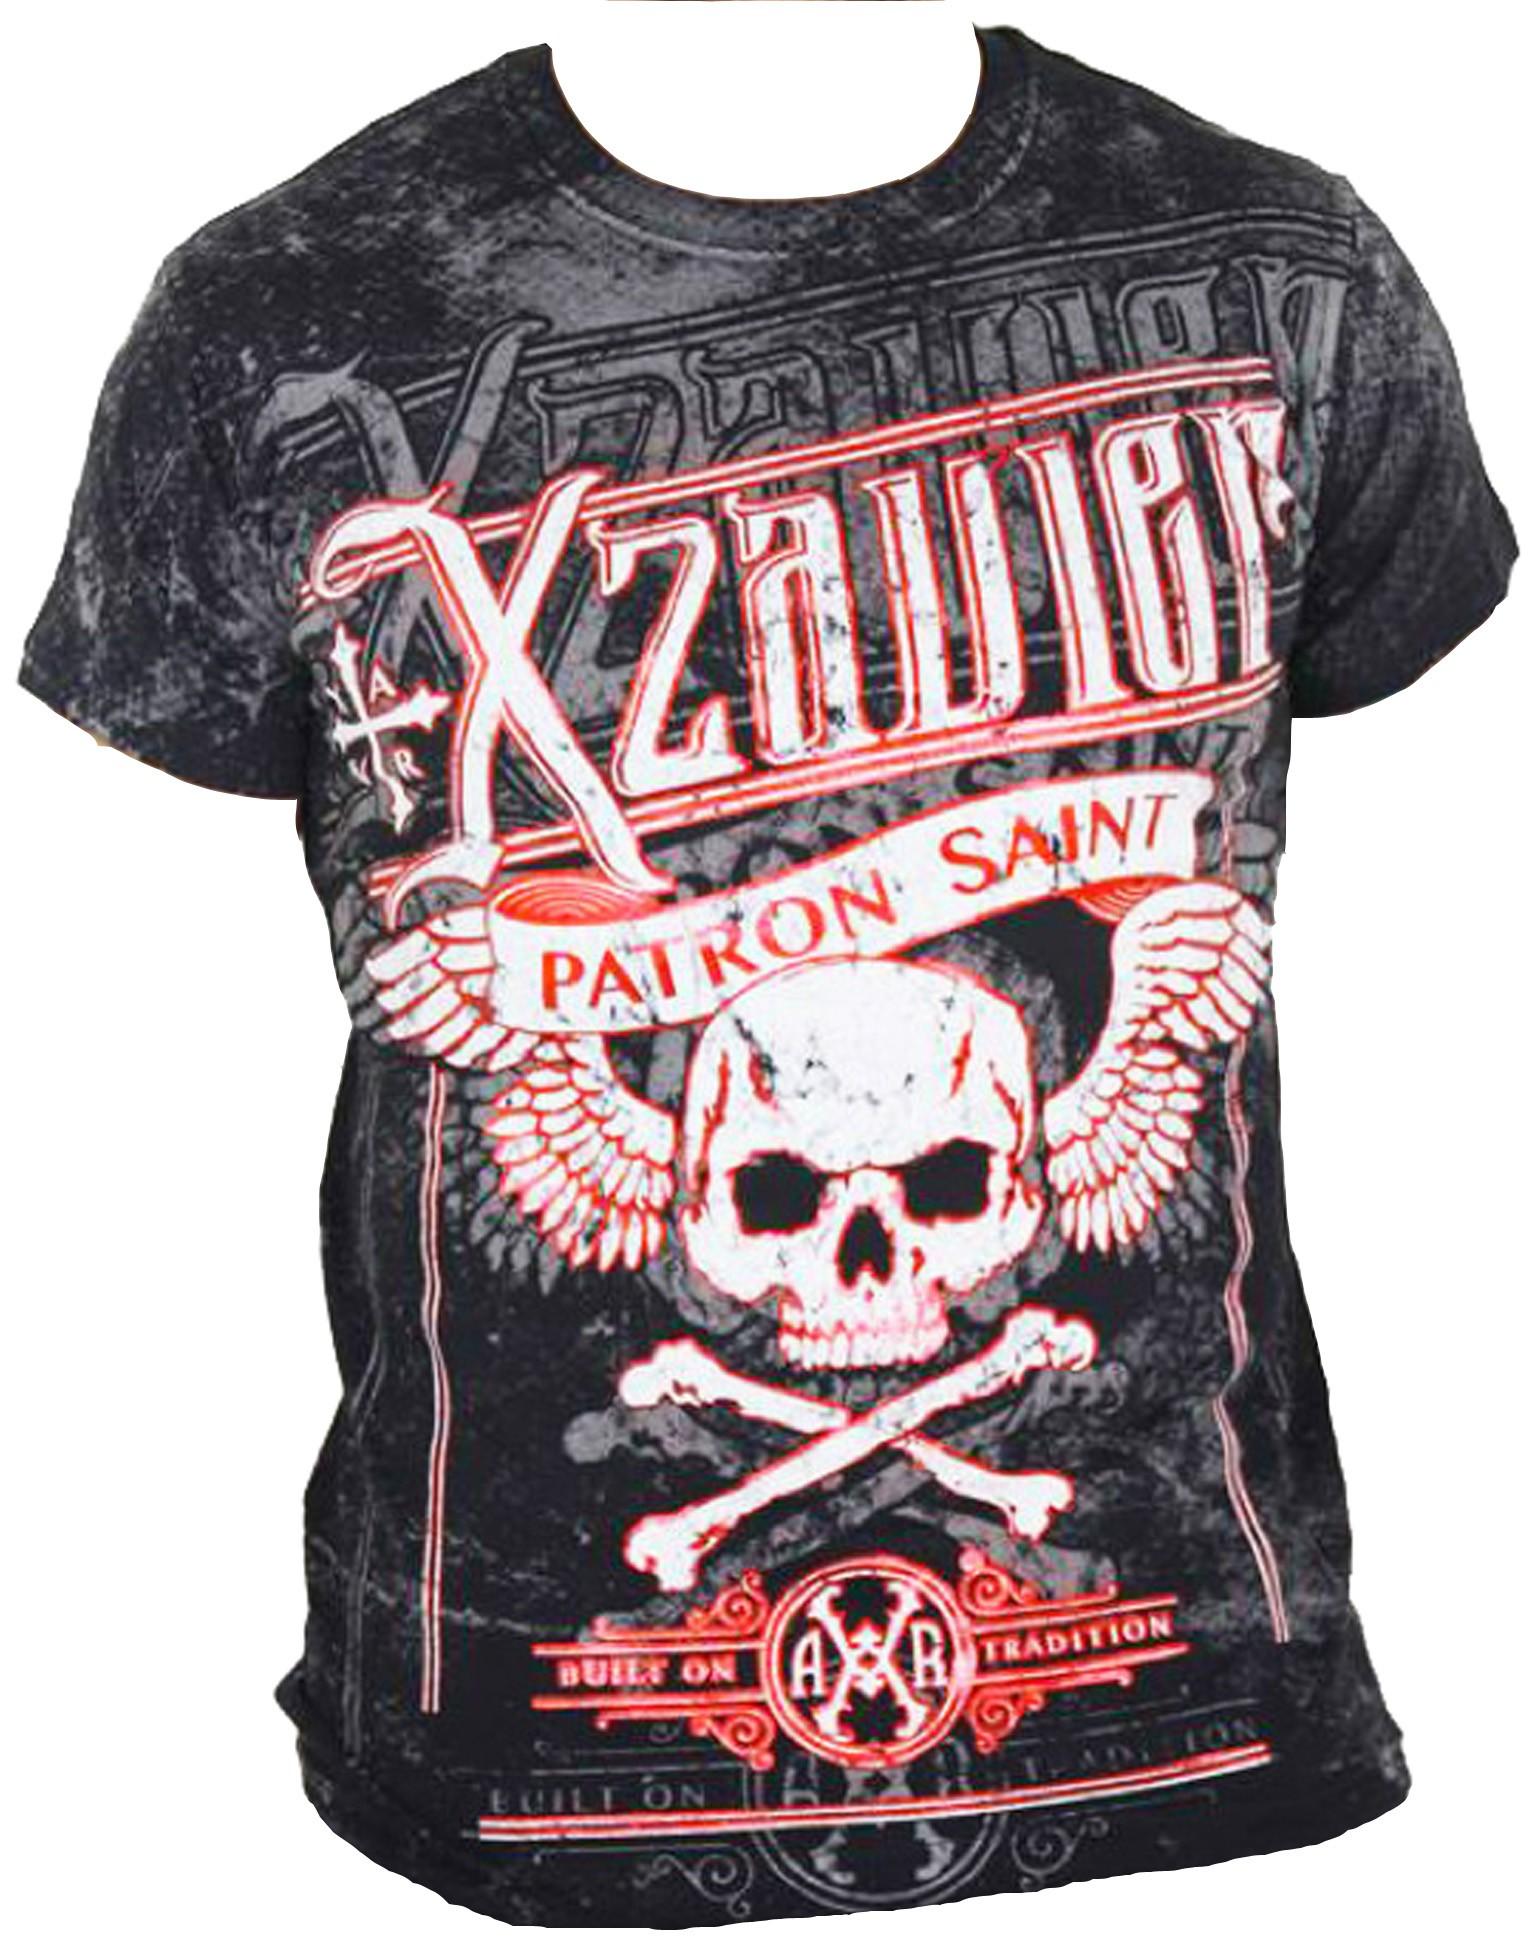 Xzavier - Widow Maker T-Shirt Front